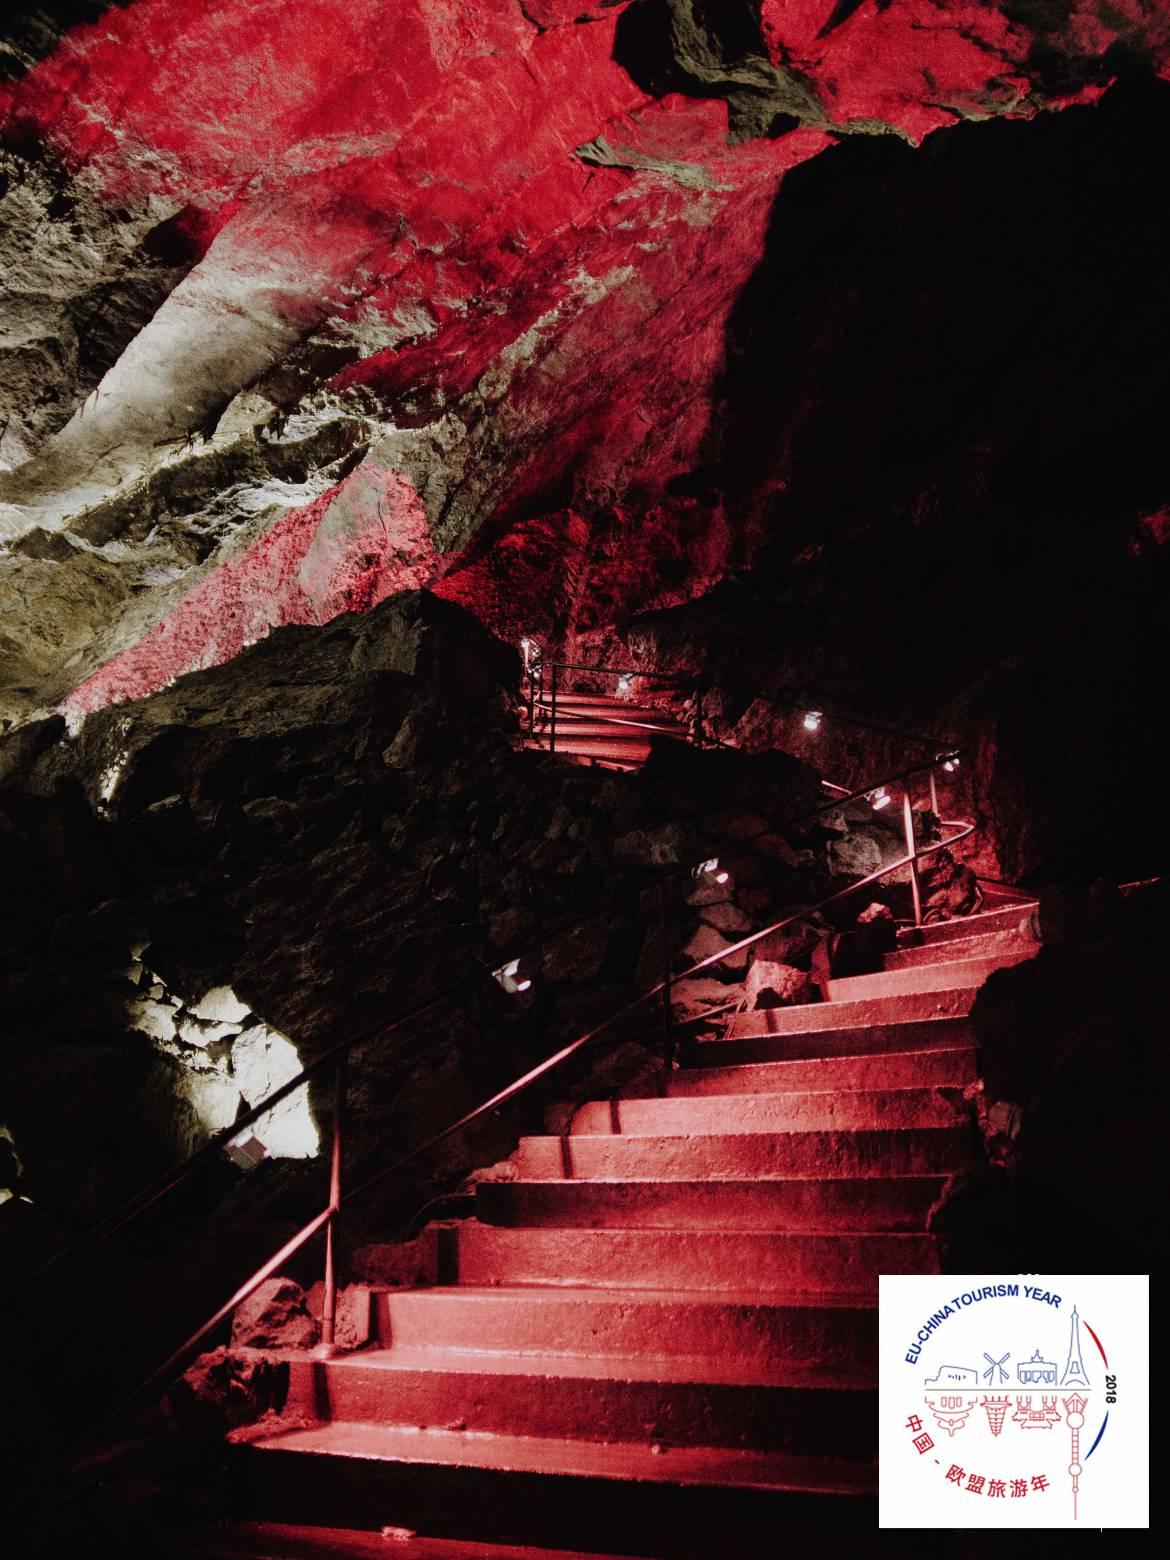 BELGIUM-Caves-of-Han-Han-sur-Lesse-035-1.jpg